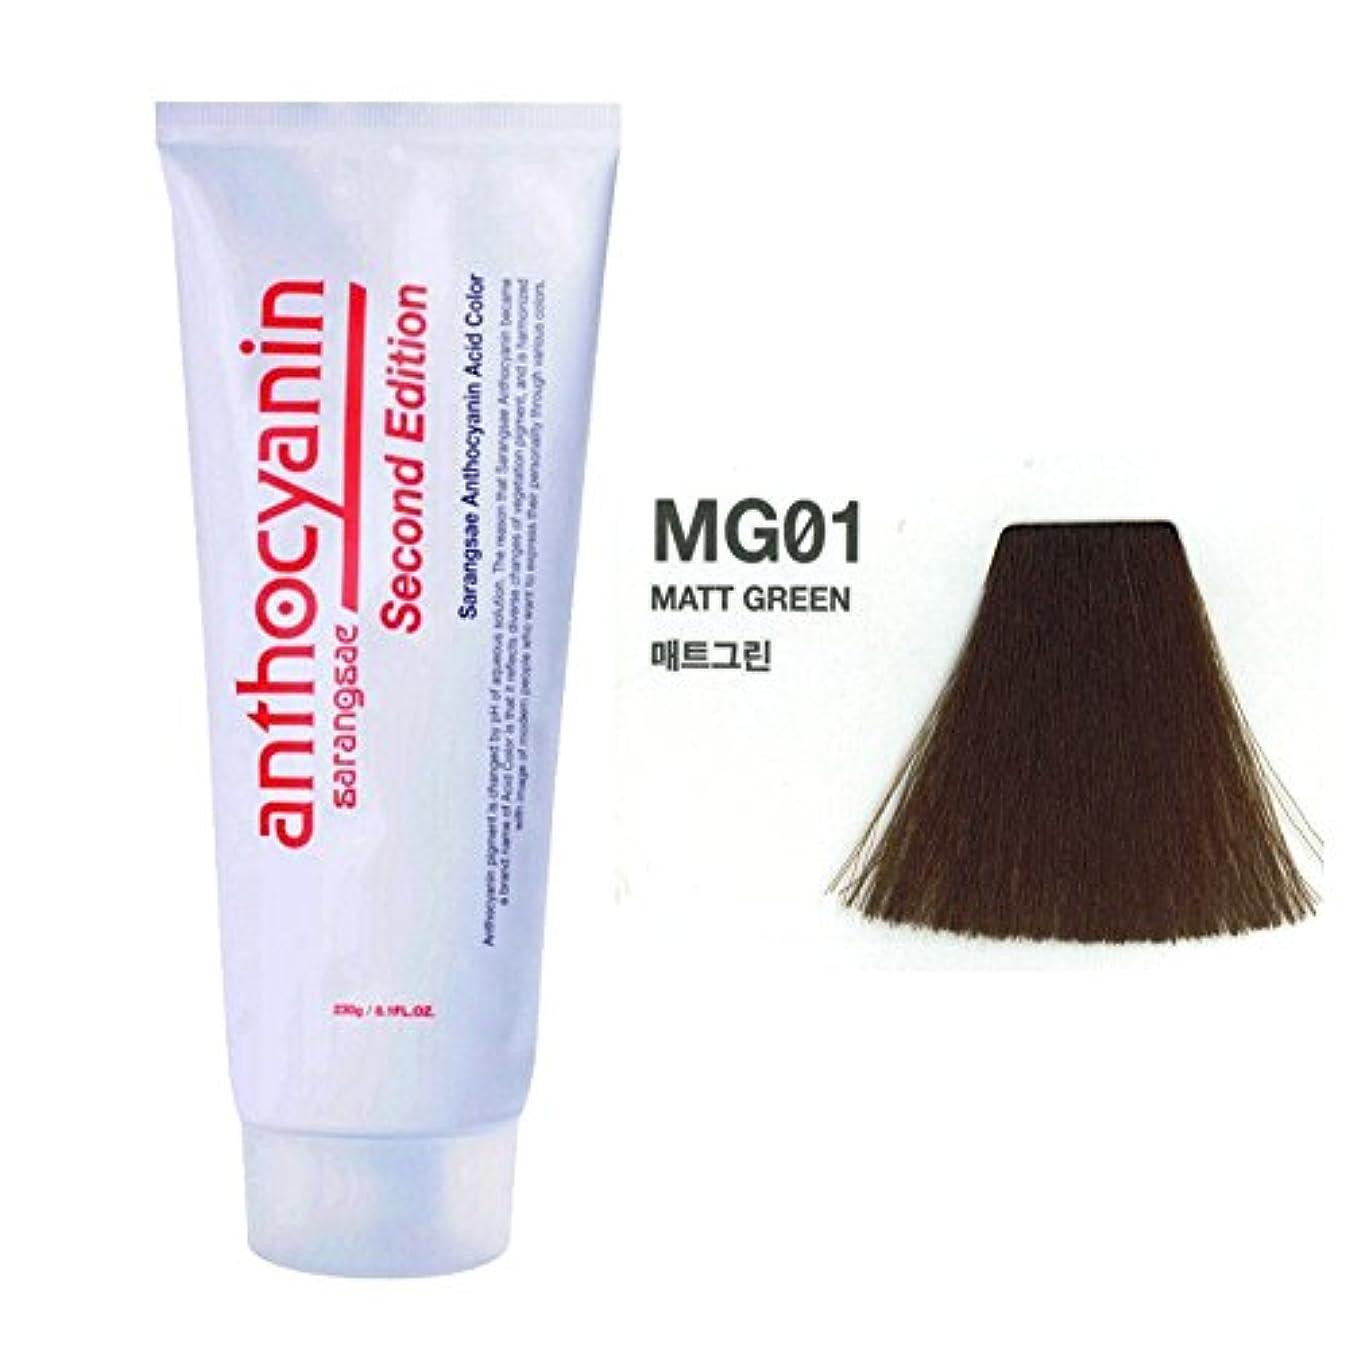 夕食を食べる交渉するスペクトラムヘア マニキュア カラー セカンド エディション 230g セミ パーマネント 染毛剤 (Hair Manicure Color Second Edition 230g Semi Permanent Hair Dye) [並行輸入品] (MG01 Marr Green)